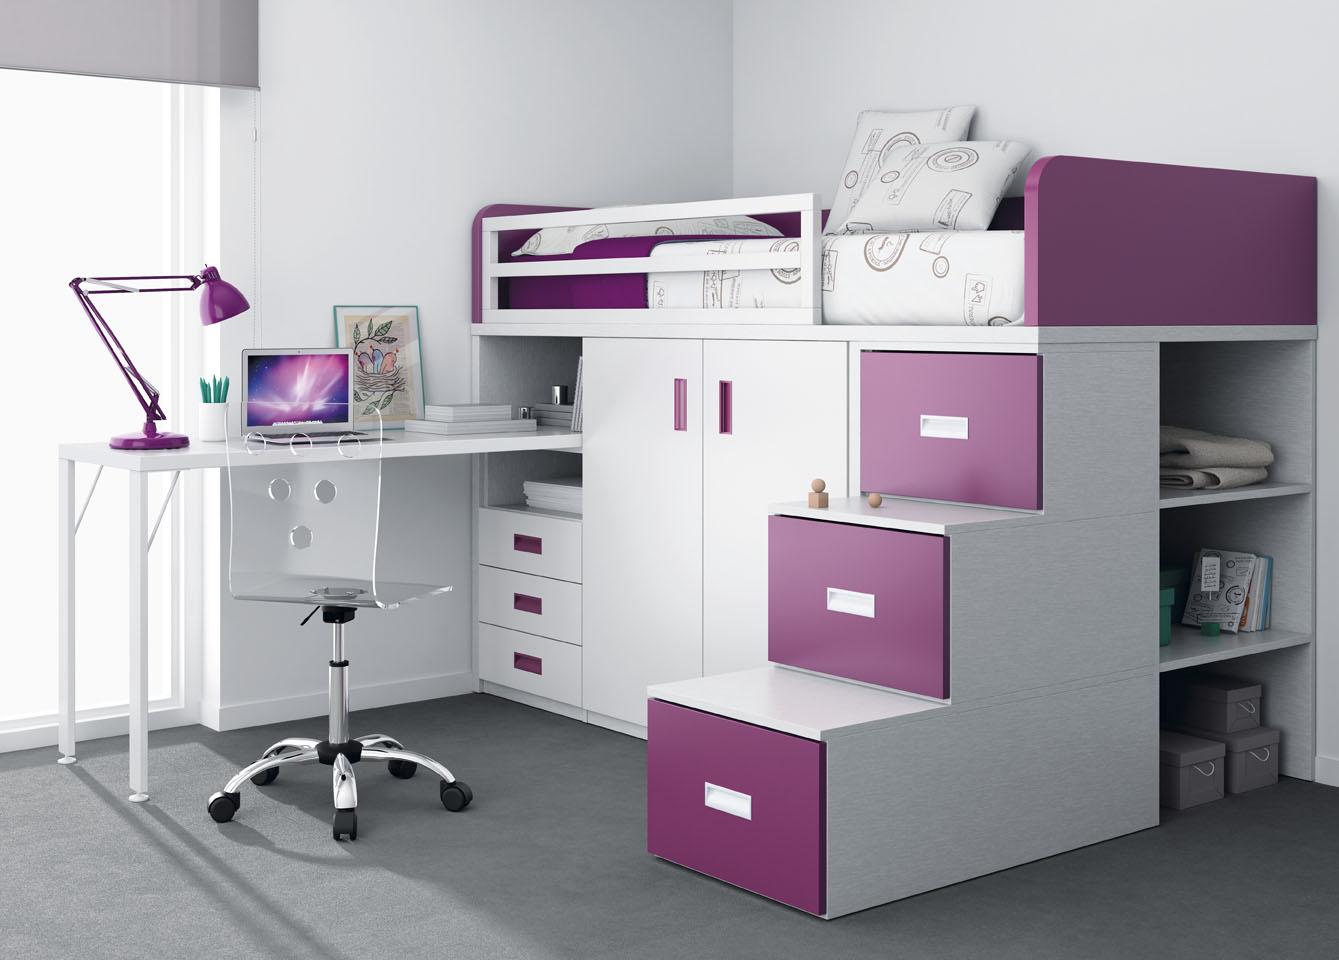 Literas muebles ros - Literas con escritorio debajo ...